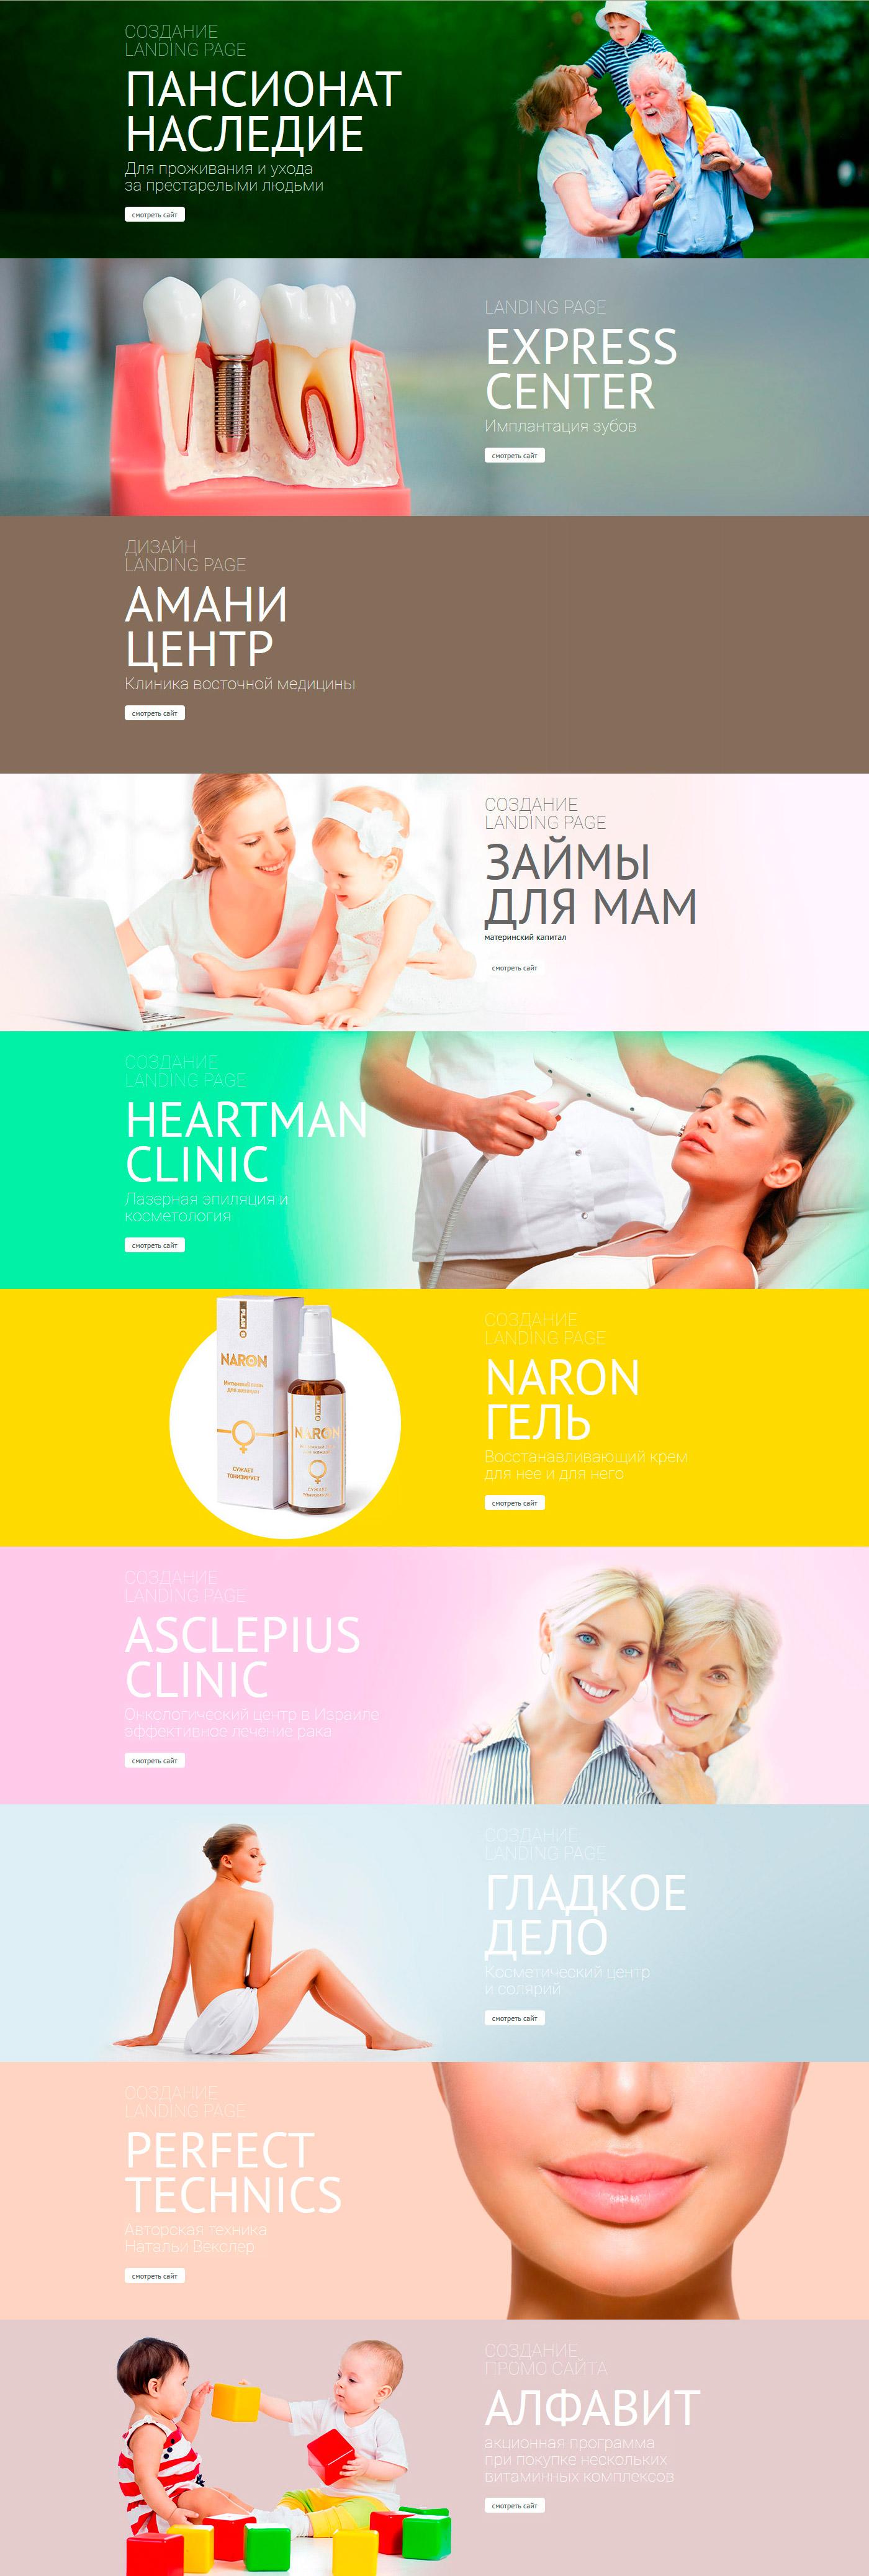 ✅ Здоровье  и медицина